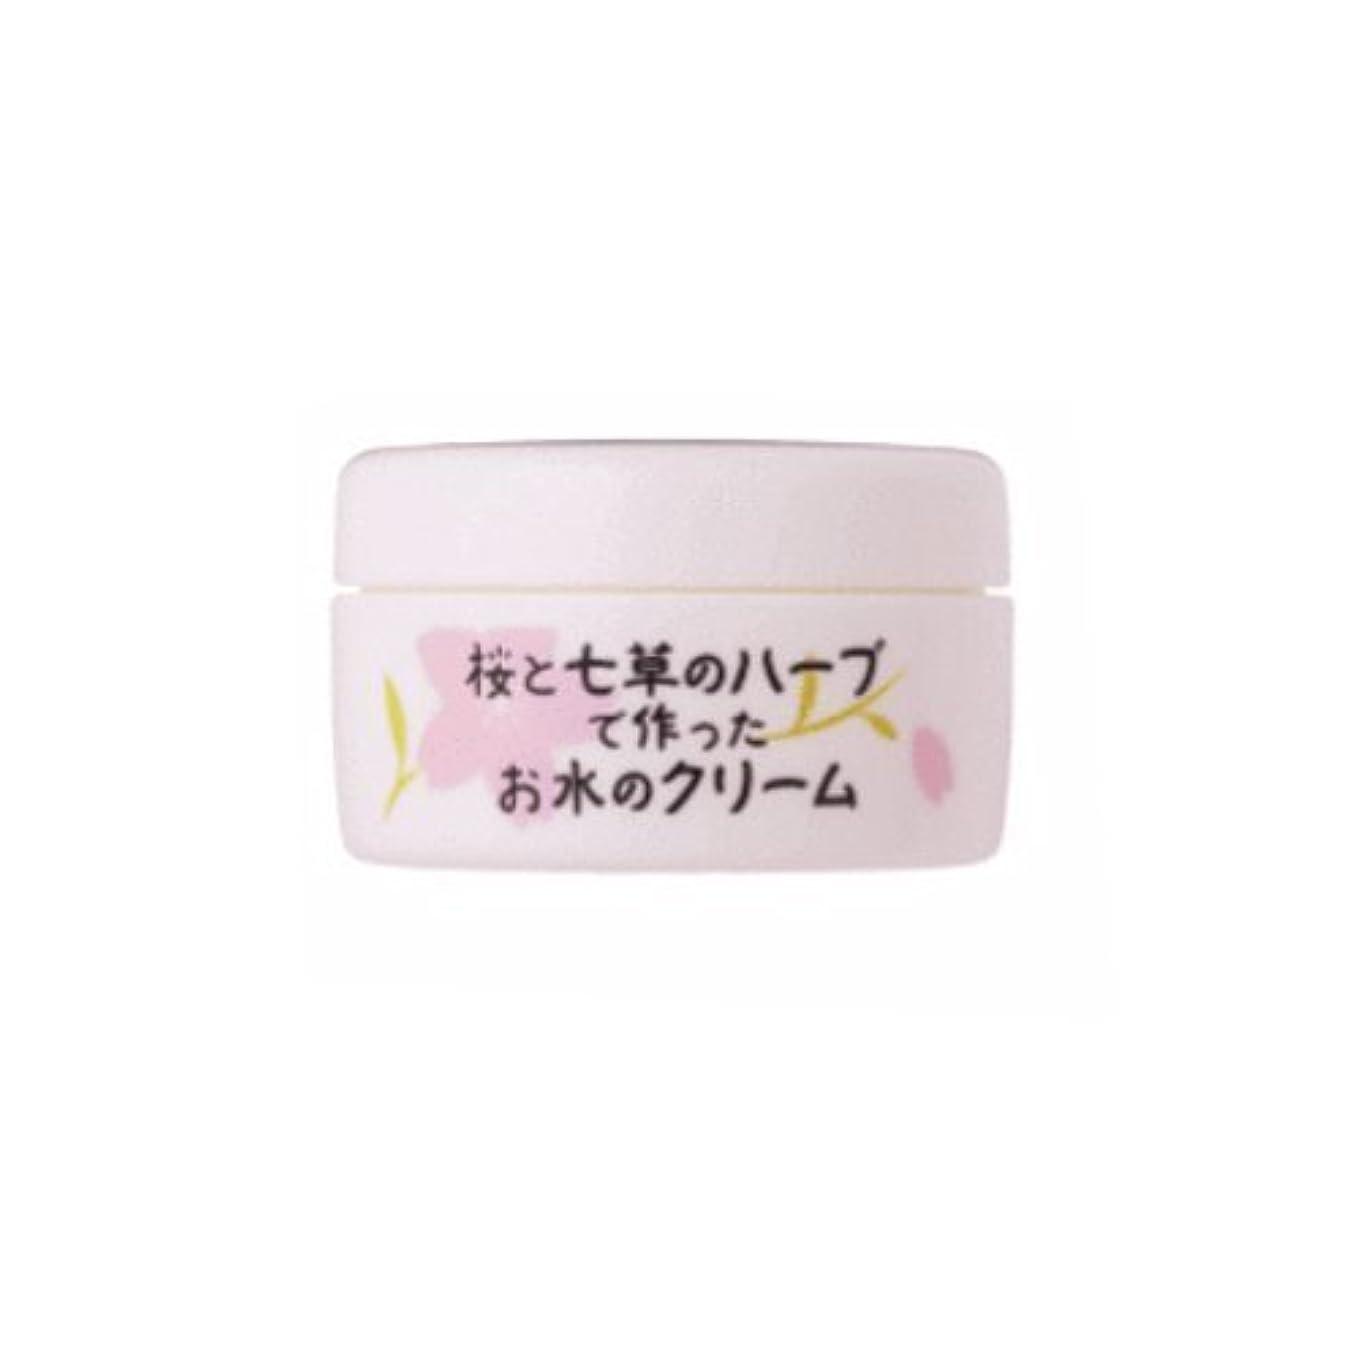 効果的に誰お酒桜と七草のハーブで作った お水のクリーム 80g